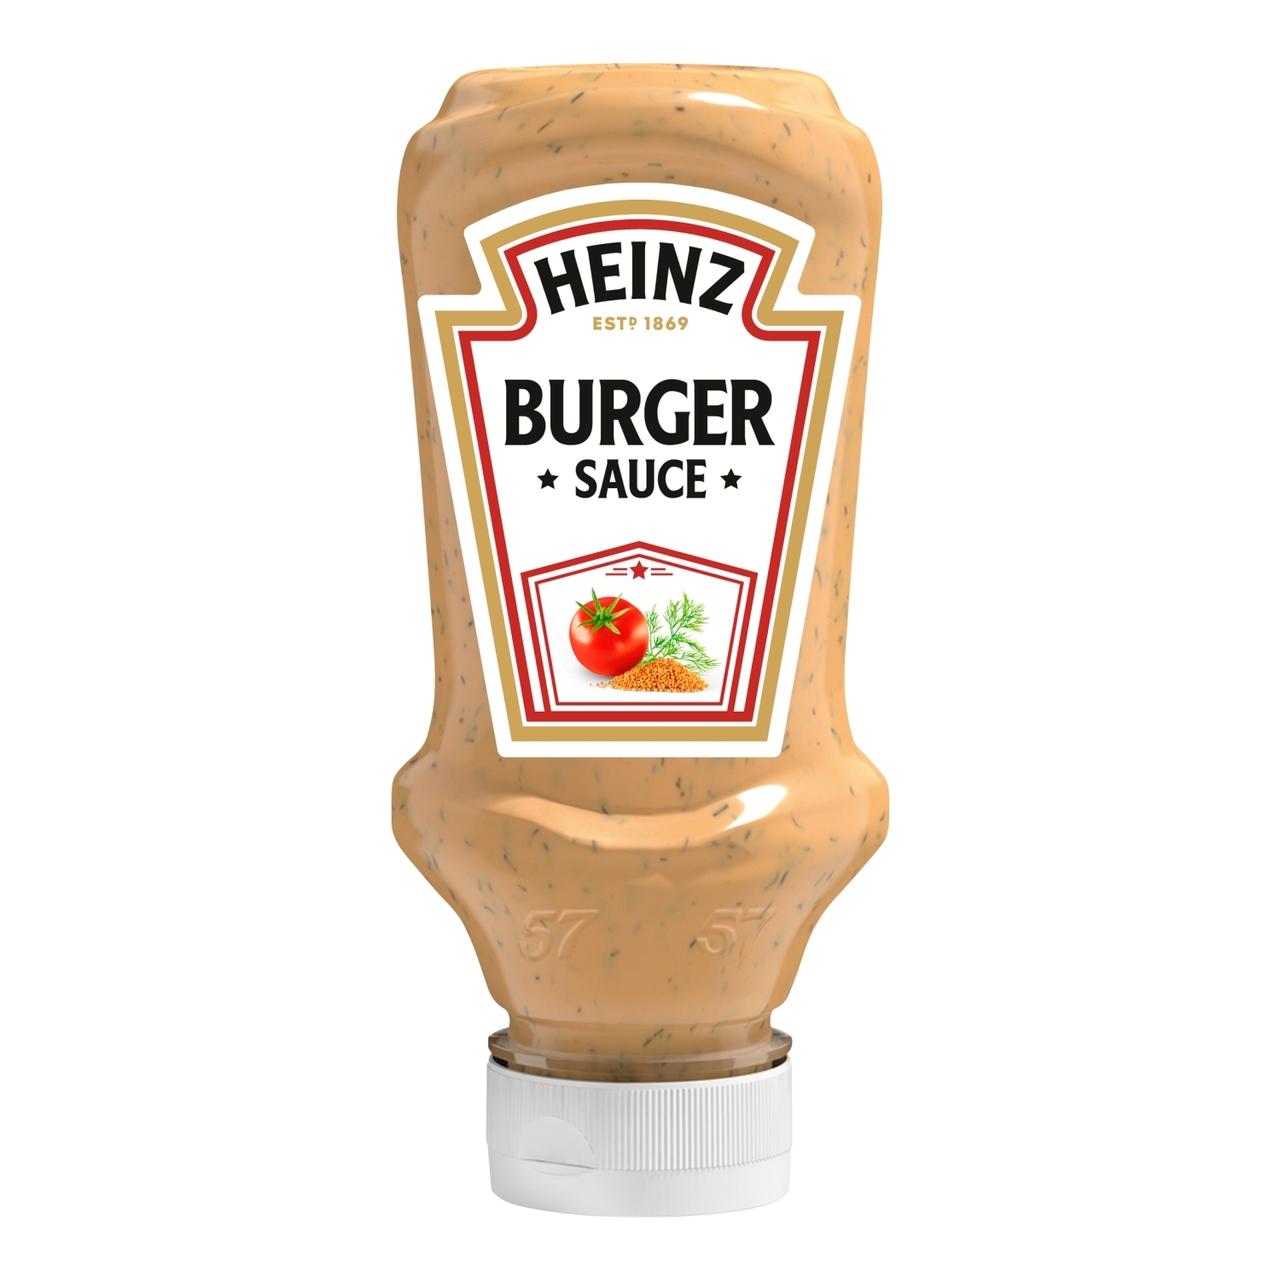 Heinz Burger Sauce 230g - £1 @ Morrisons